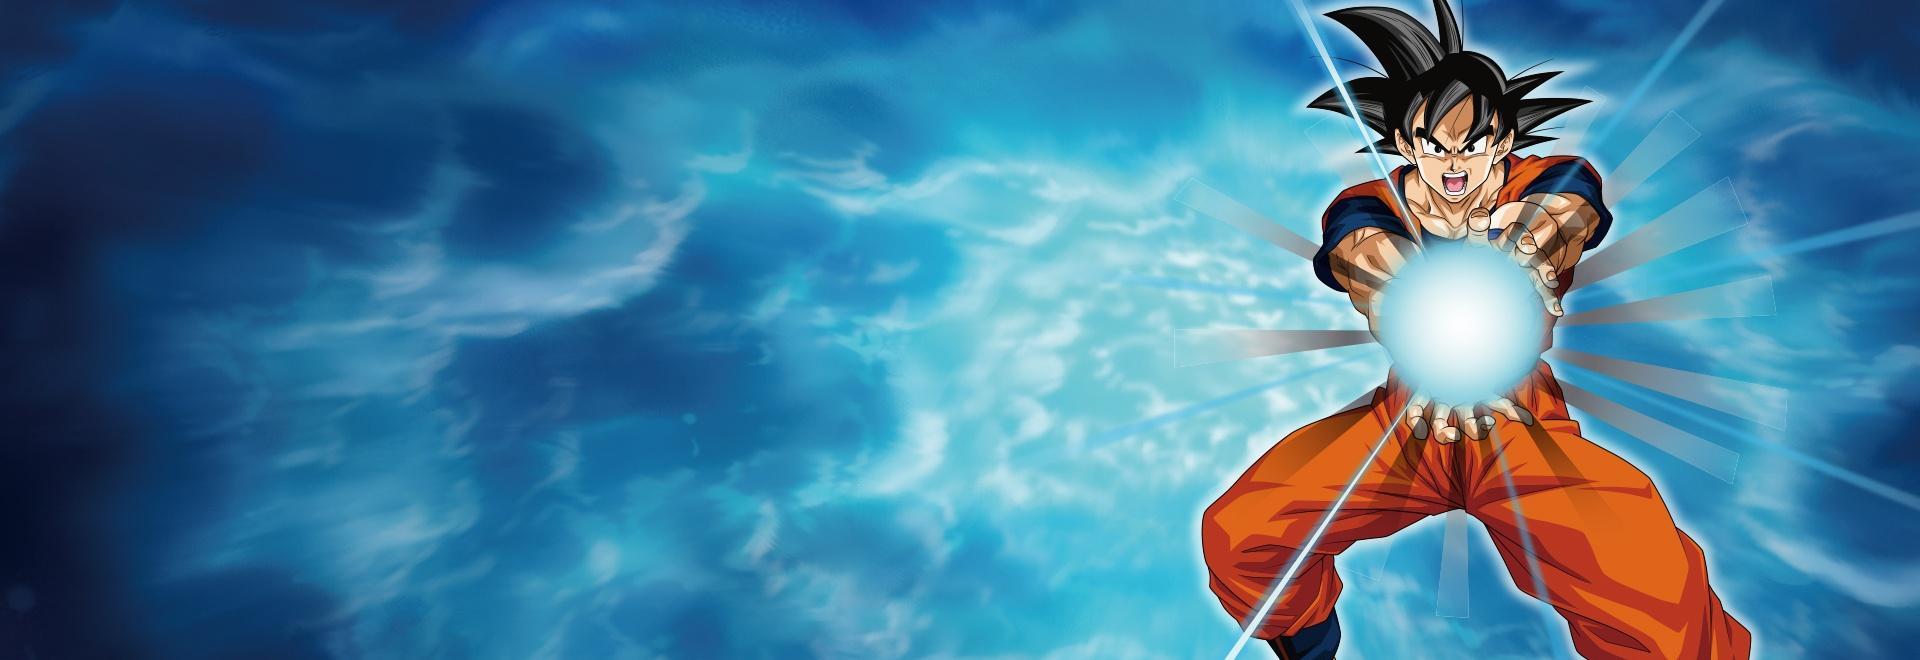 Il Super Saiyan God